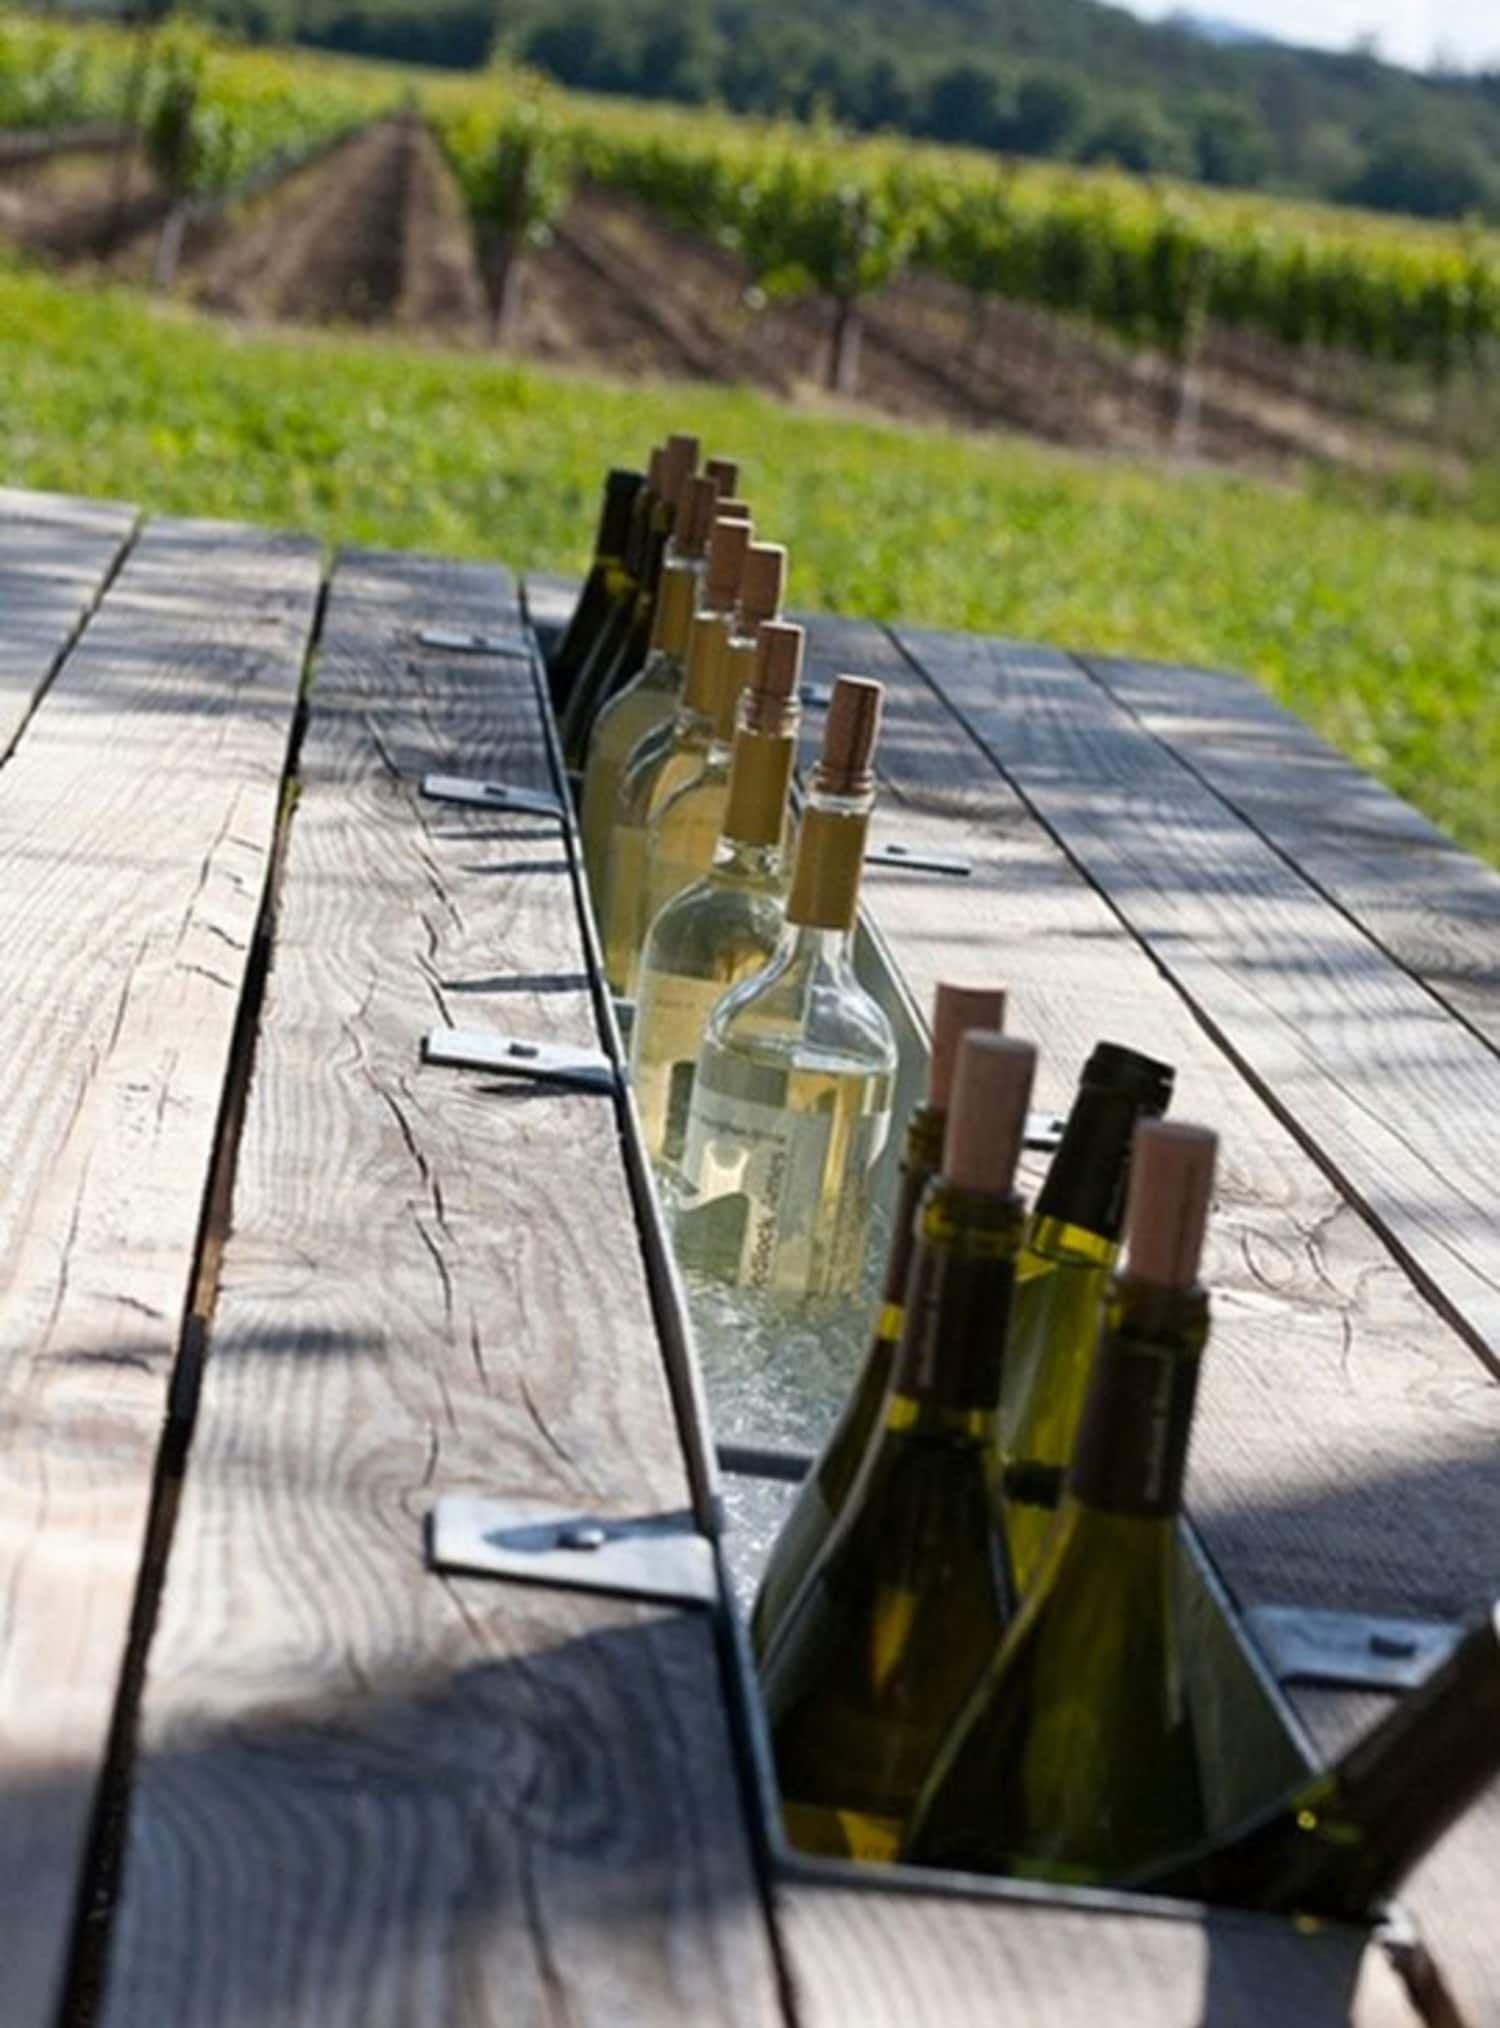 Outdoor Diy Wine Cooler Idea A Picnic Table With A Gutter Diy Garden Furniture Outdoor Kitchen Design Garden Table